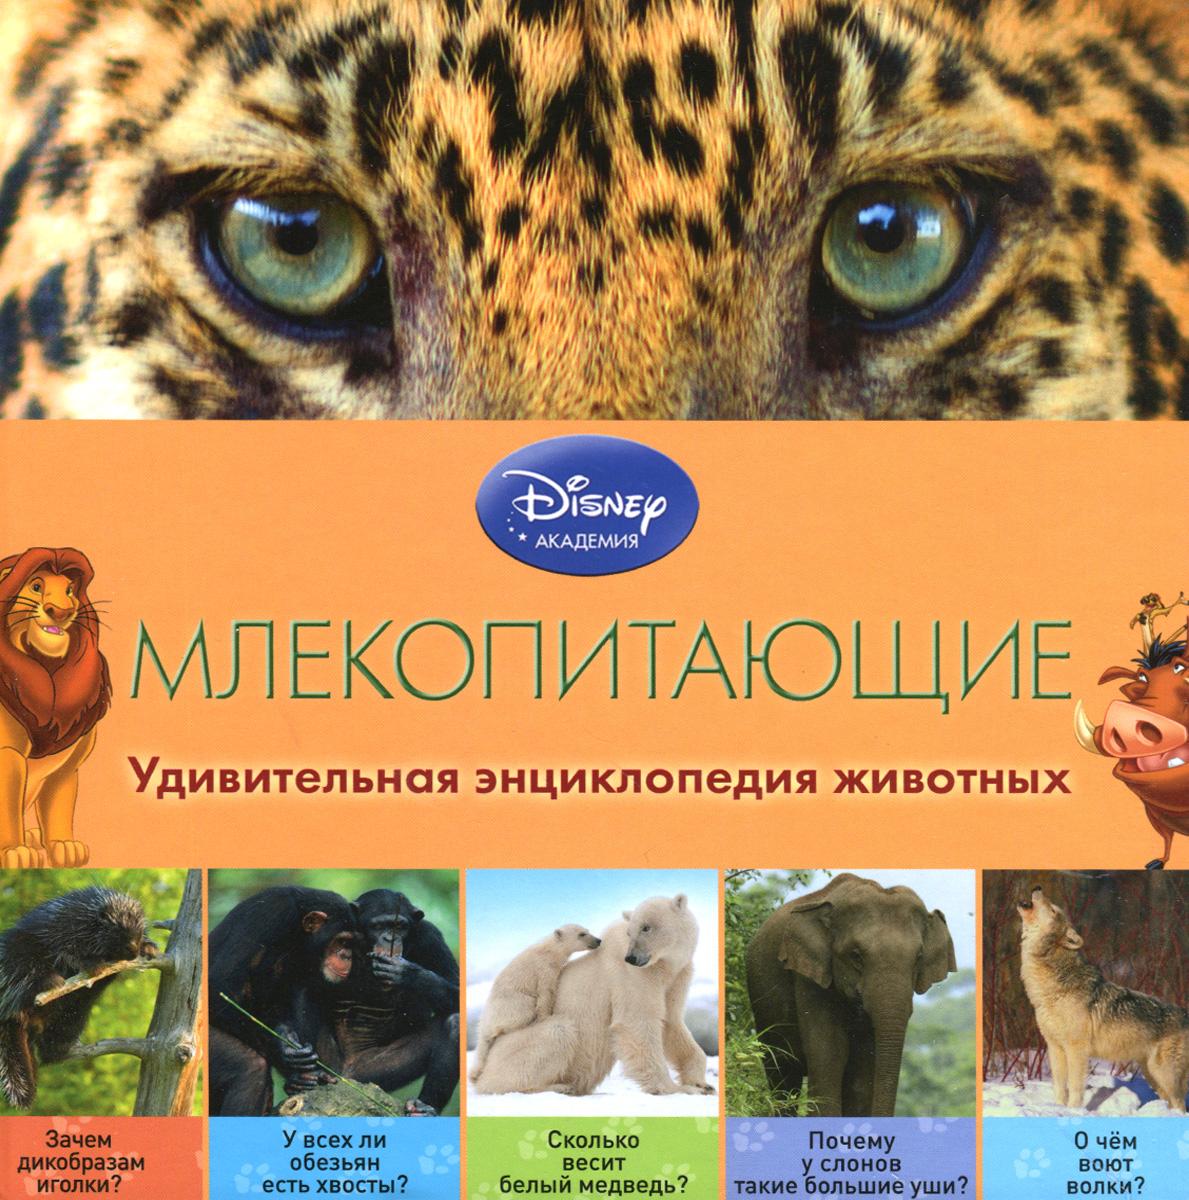 Млекопитающие12296407Герои Disney приглашают маленьких читателей в невероятный мир кошек, собак, жирафов, кенгуру, дельфинов и других млекопитающих животных! В компании любимых персонажей ребёнок узнает о том, зачем обезьянам длинные хвосты, где они принимают горячие ванны, почему медведи впадают в зимнюю спячку, как слоны используют хоботы… Малыша ждут не только любопытнейшие факты, изложенные доступным и увлекательным языком, но и восхитительные фотографии - большие, яркие и красочные! А ещё благодаря этой книге ребёнок разовьёт познавательные способности, кругозор и структурное мышление, а также получит первый опыт работы с энциклопедической литературой. Издание предназначено для детей младшего школьного возраста.